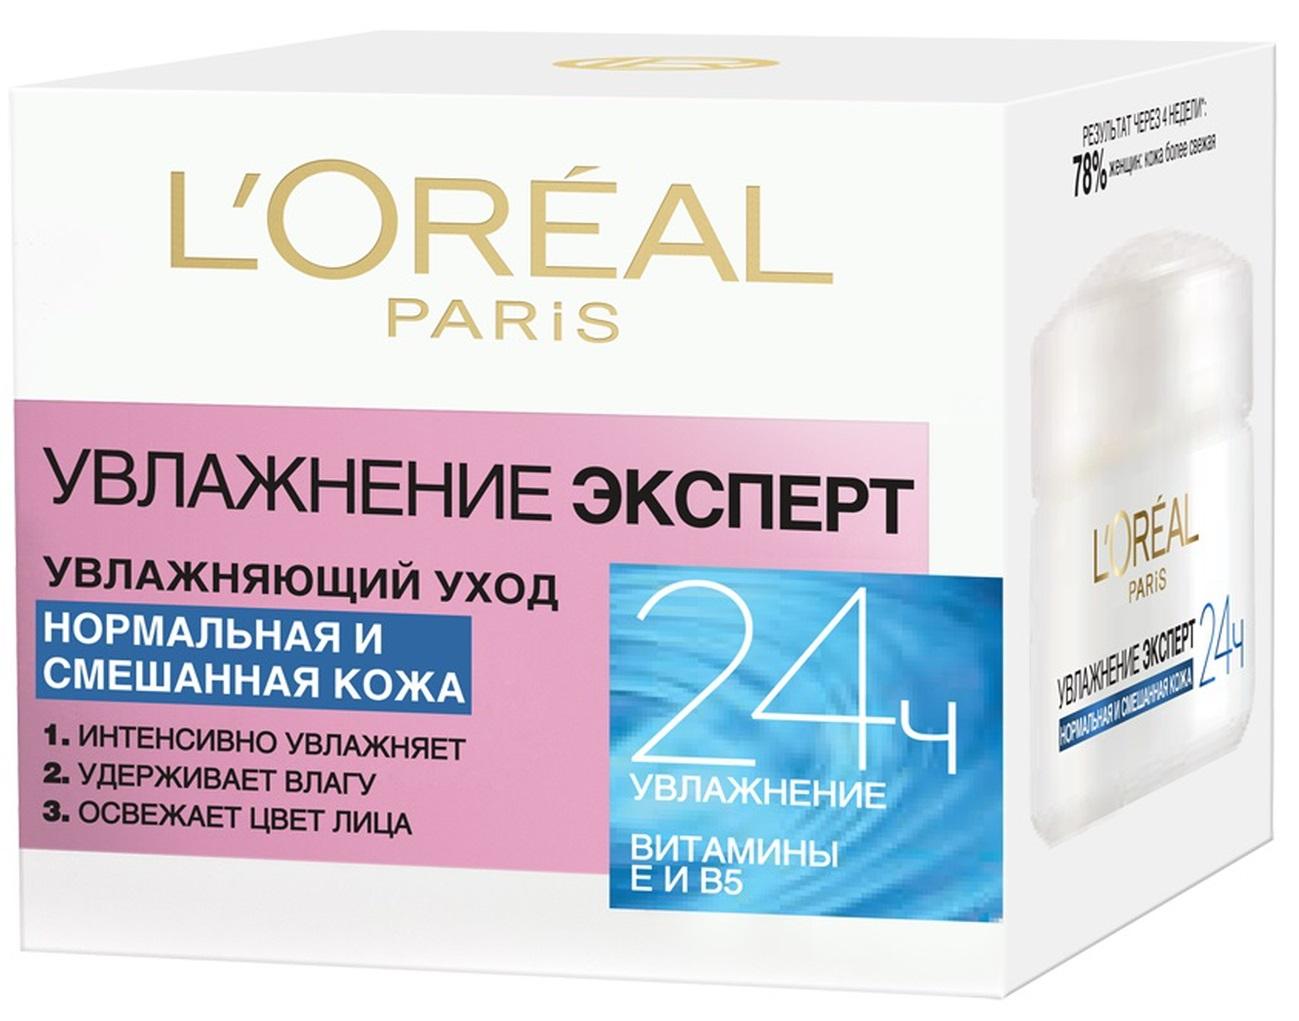 """L'Oreal Paris """"Увлажнение Эксперт"""" Дневной крем для лица для нормальной и смешанной кожи, 50 мл"""